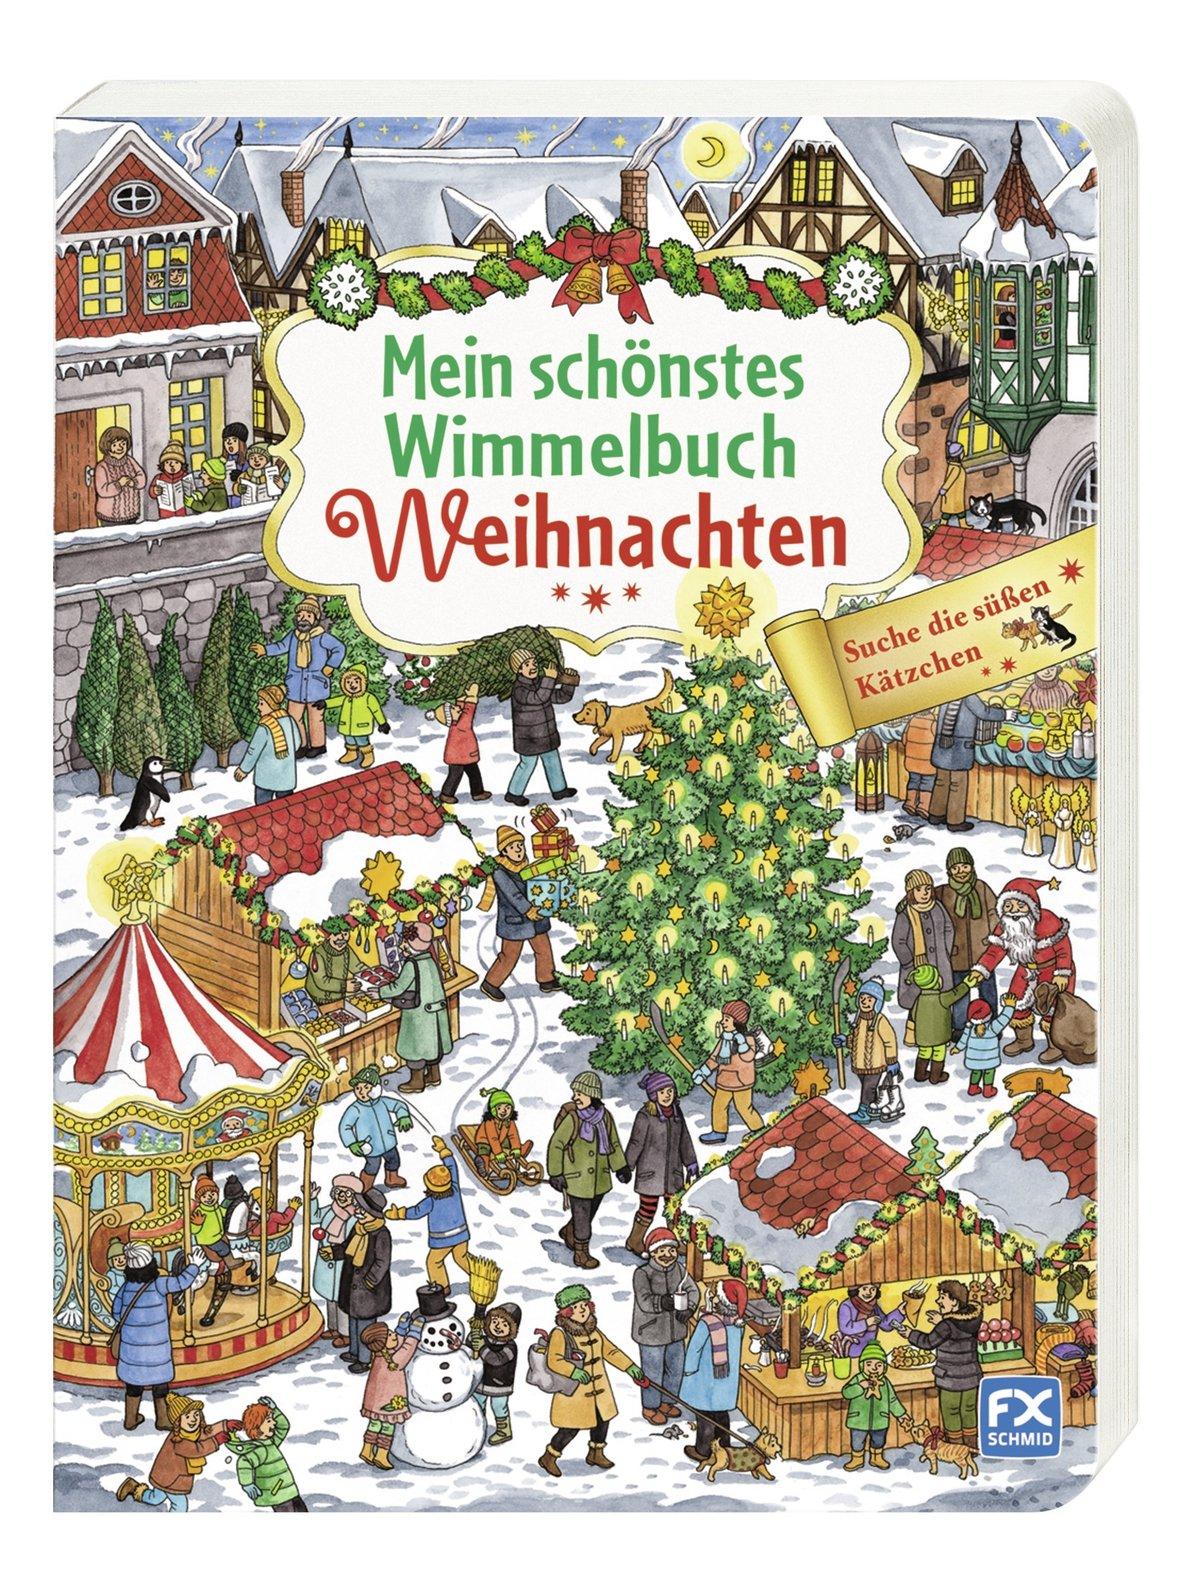 Wimmelbuch Weihnachten.Mein Schönstes Wimmelbuch Weihnachten 9783838000732 Amazon Com Books